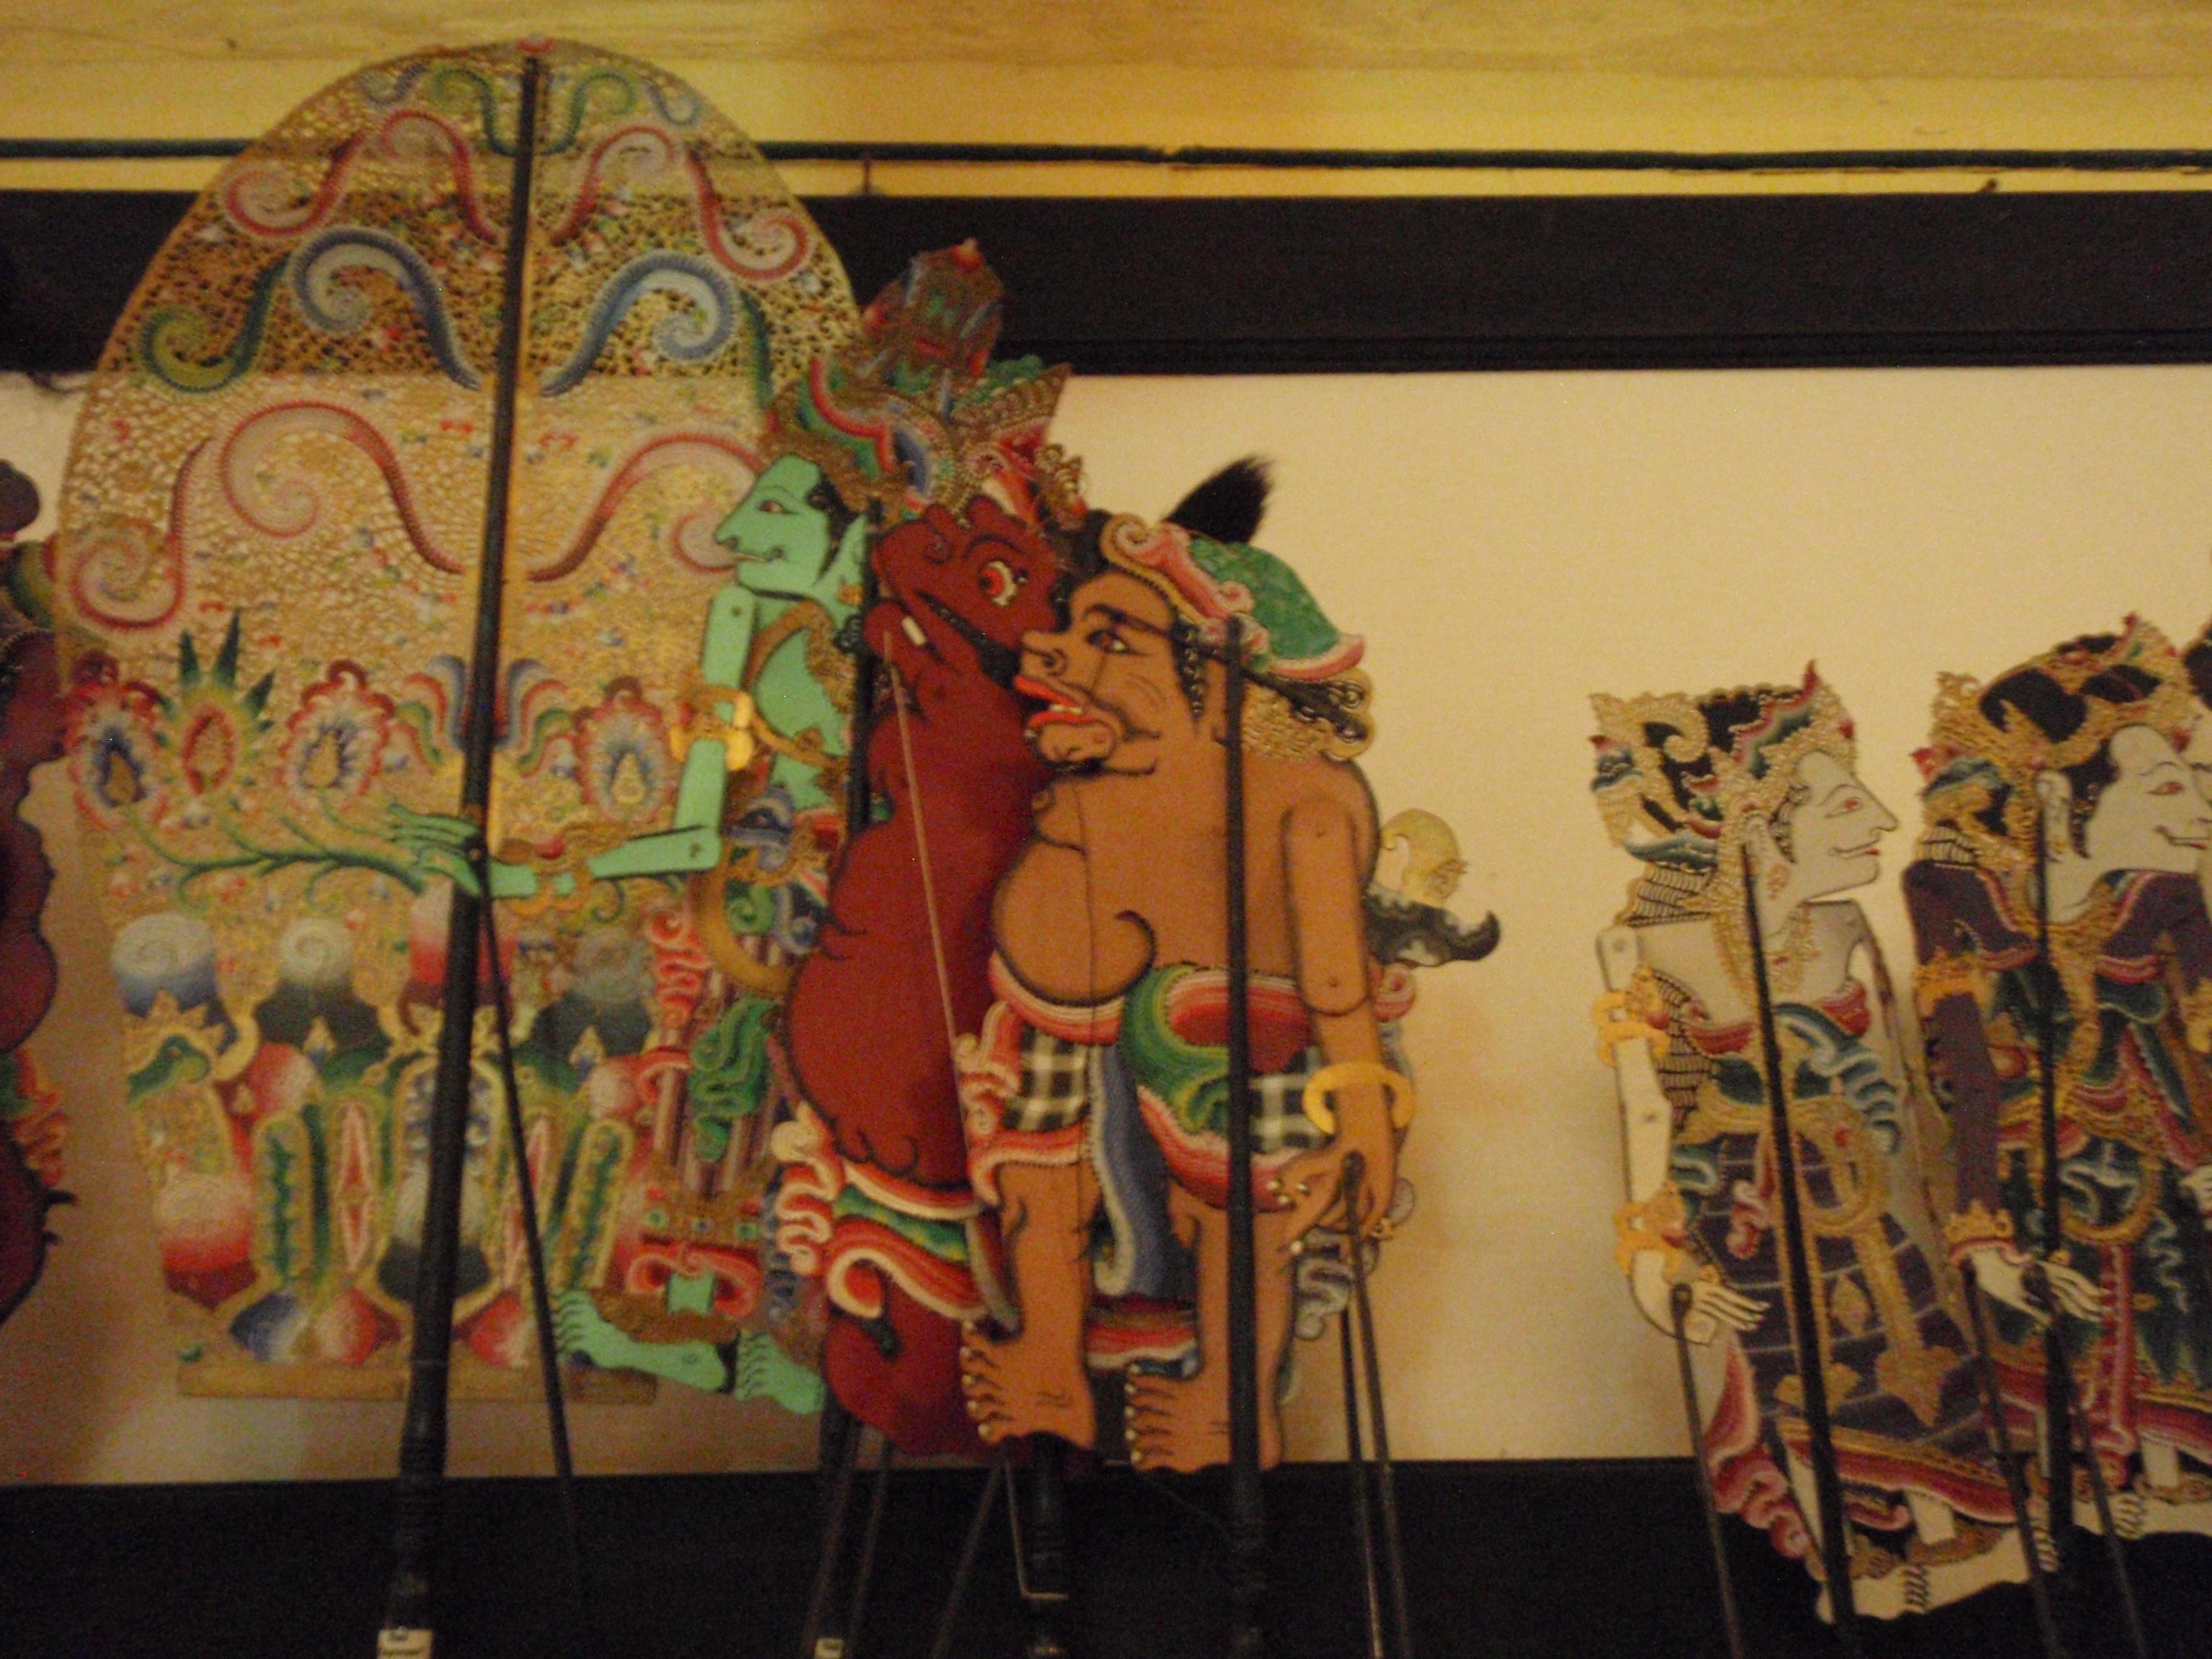 Wayang <em>kulit</em> Ramayana (Bali), créateur de wayang : I Made Sidja (Bone, Gianyar, Bali). Collection : Setia Darma House of Masks and Puppets, Gianyar, Bali, Indonésie.